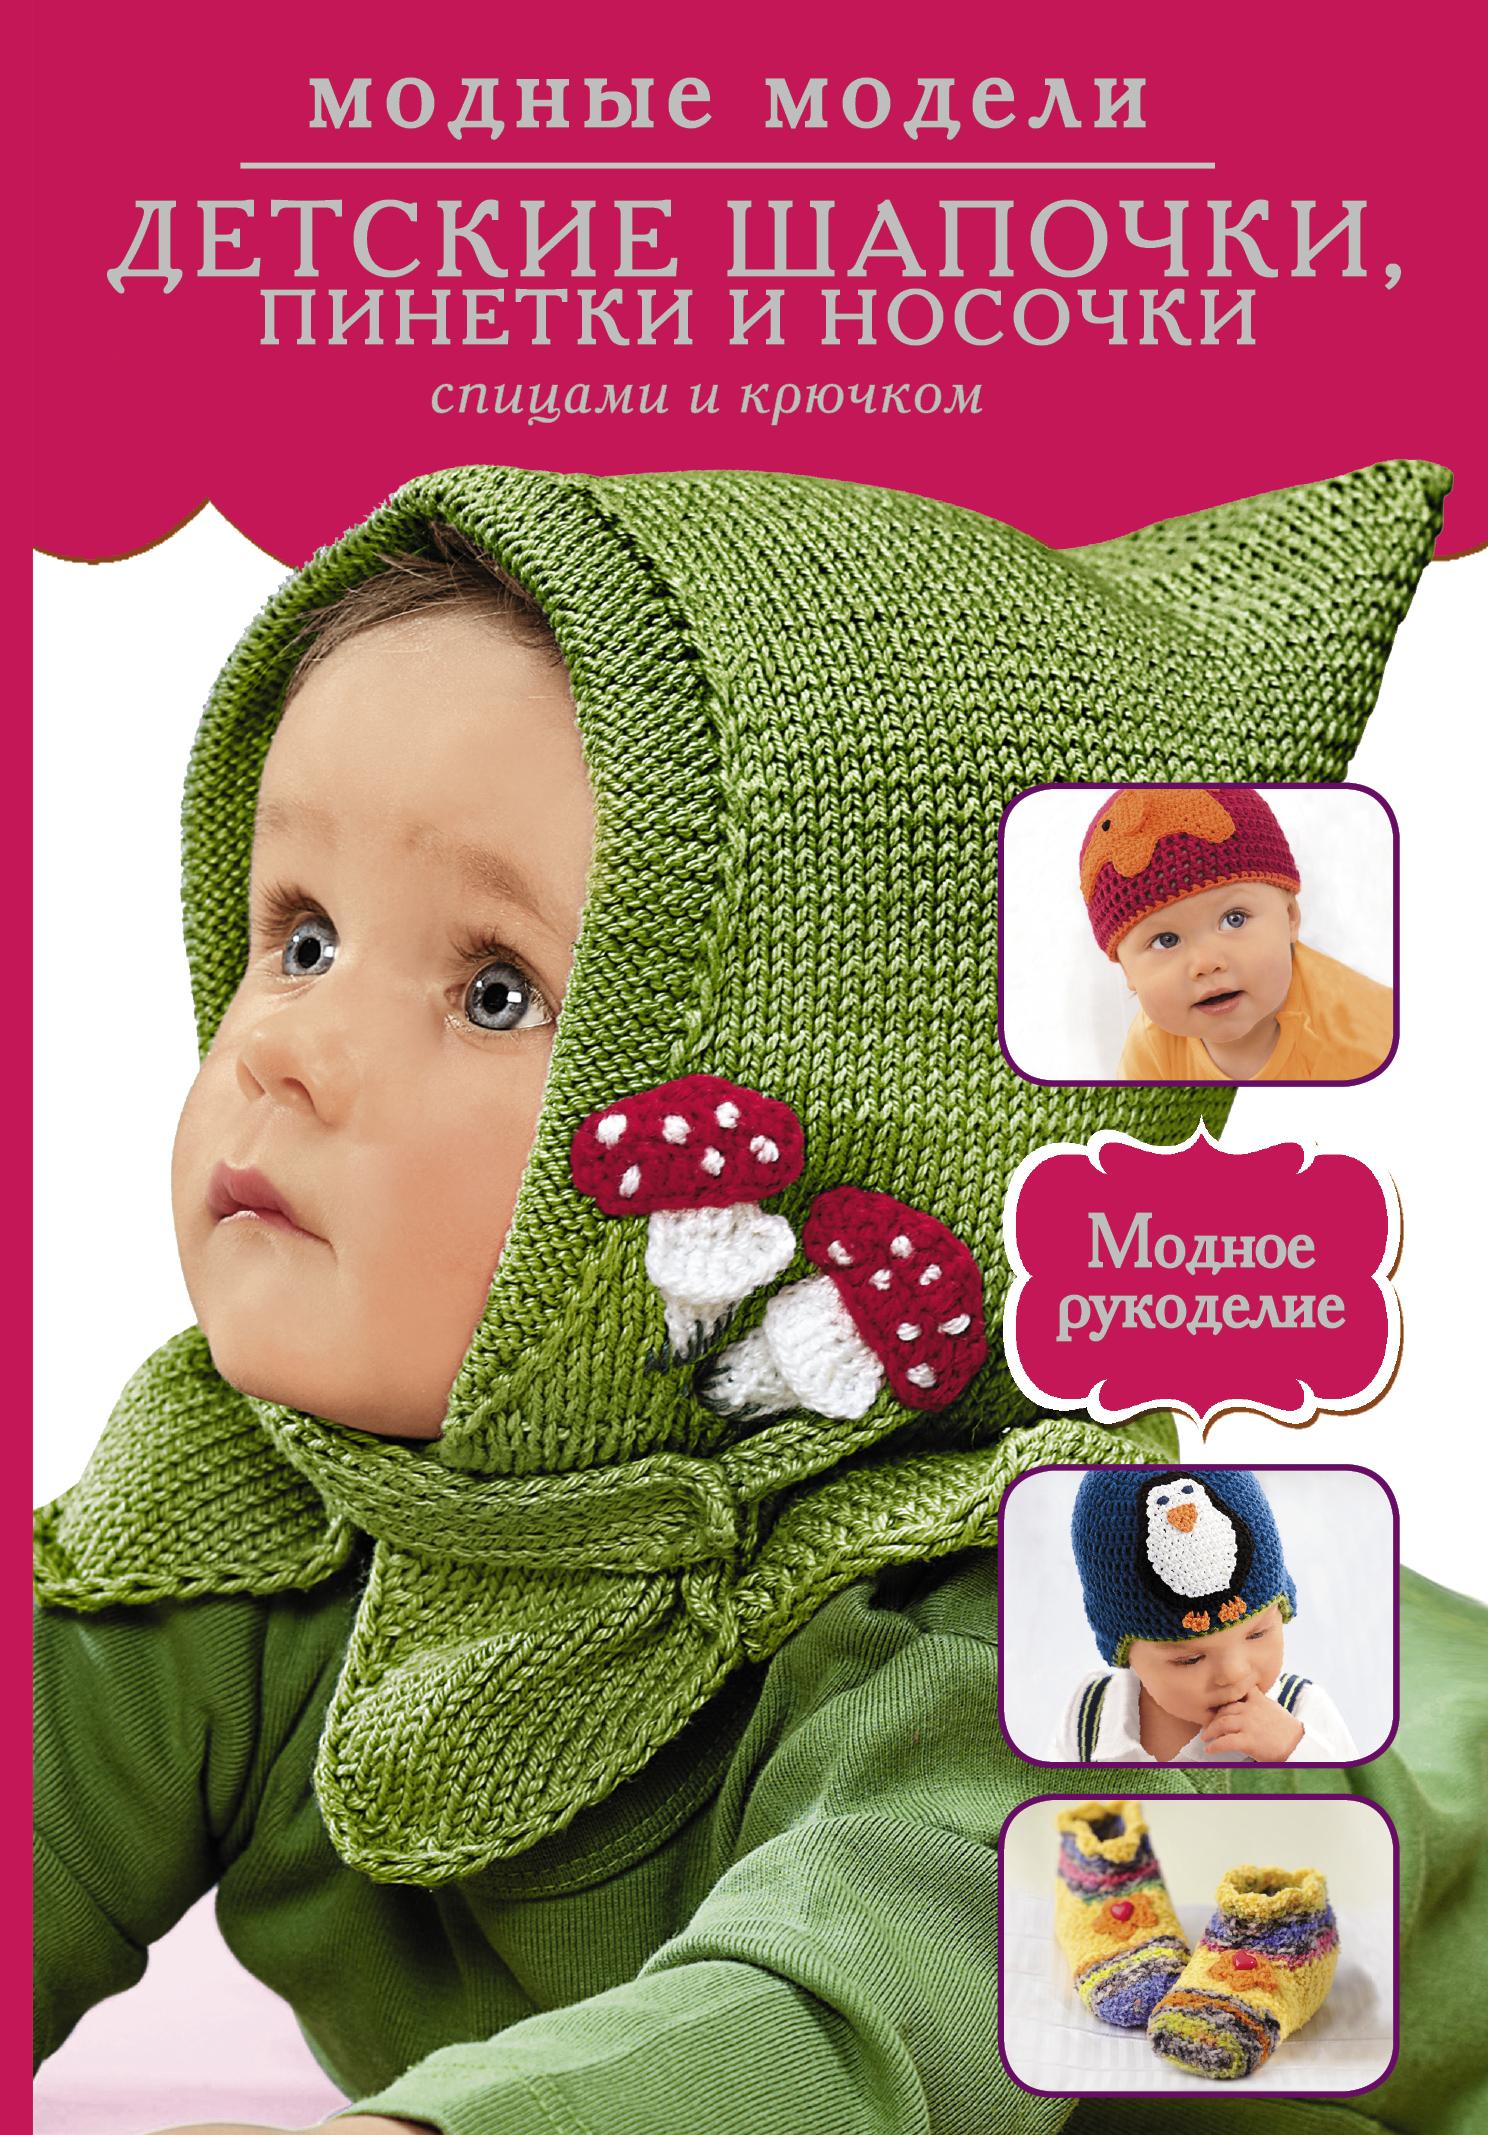 Вязание для новорождённых книга